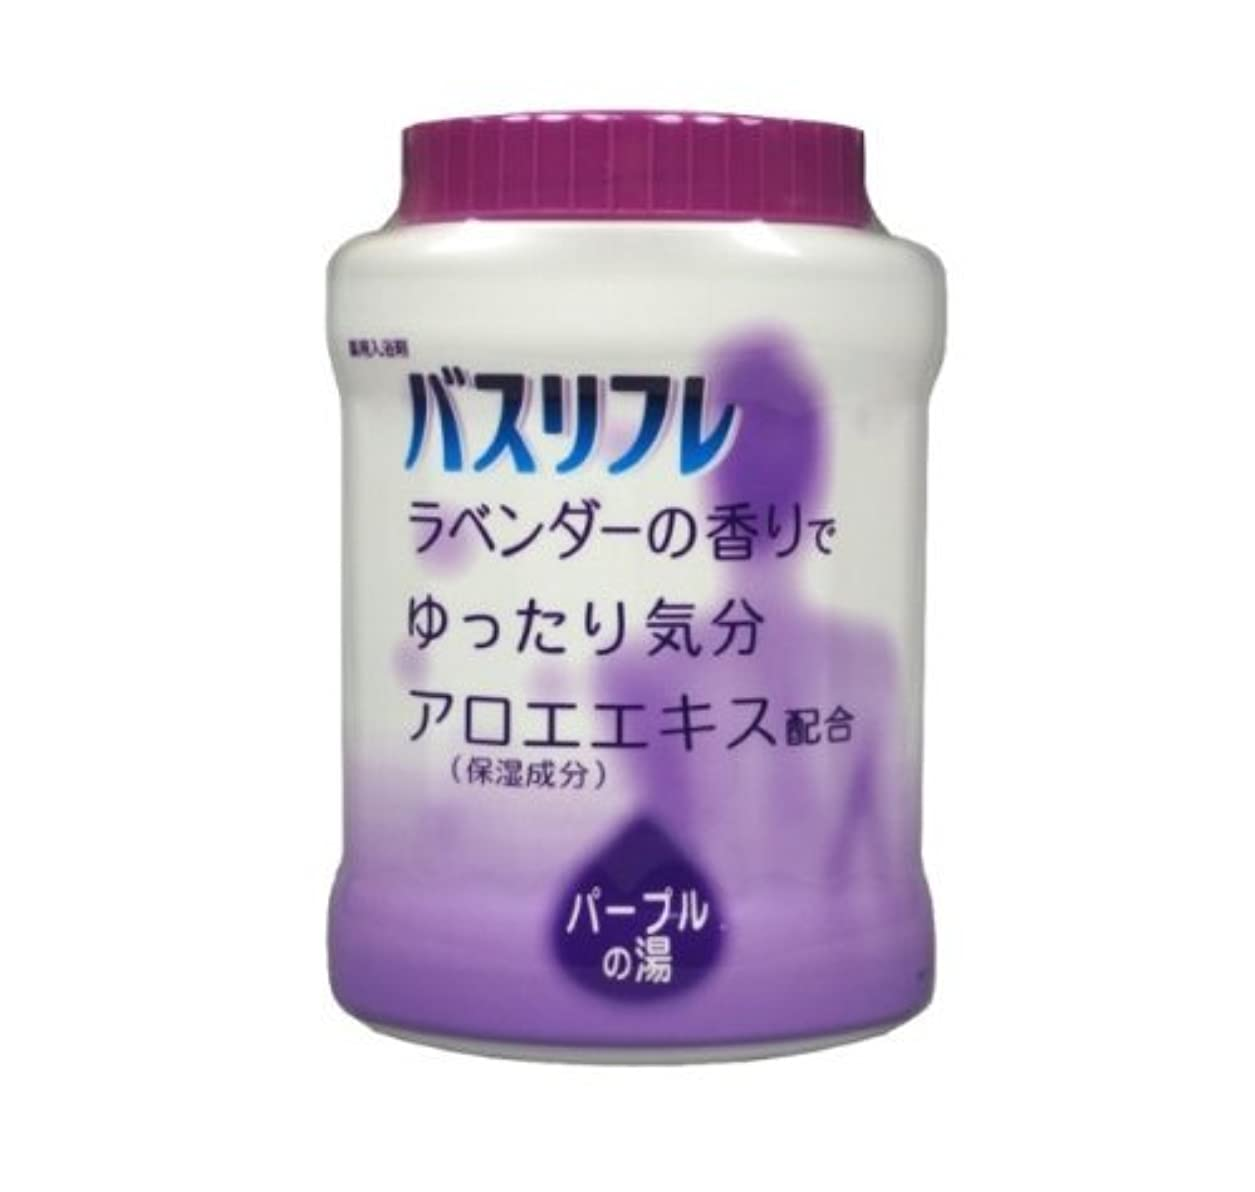 報復絞る罰するバスリフレ 薬用入浴剤 ラベンダーの香り 680G Japan